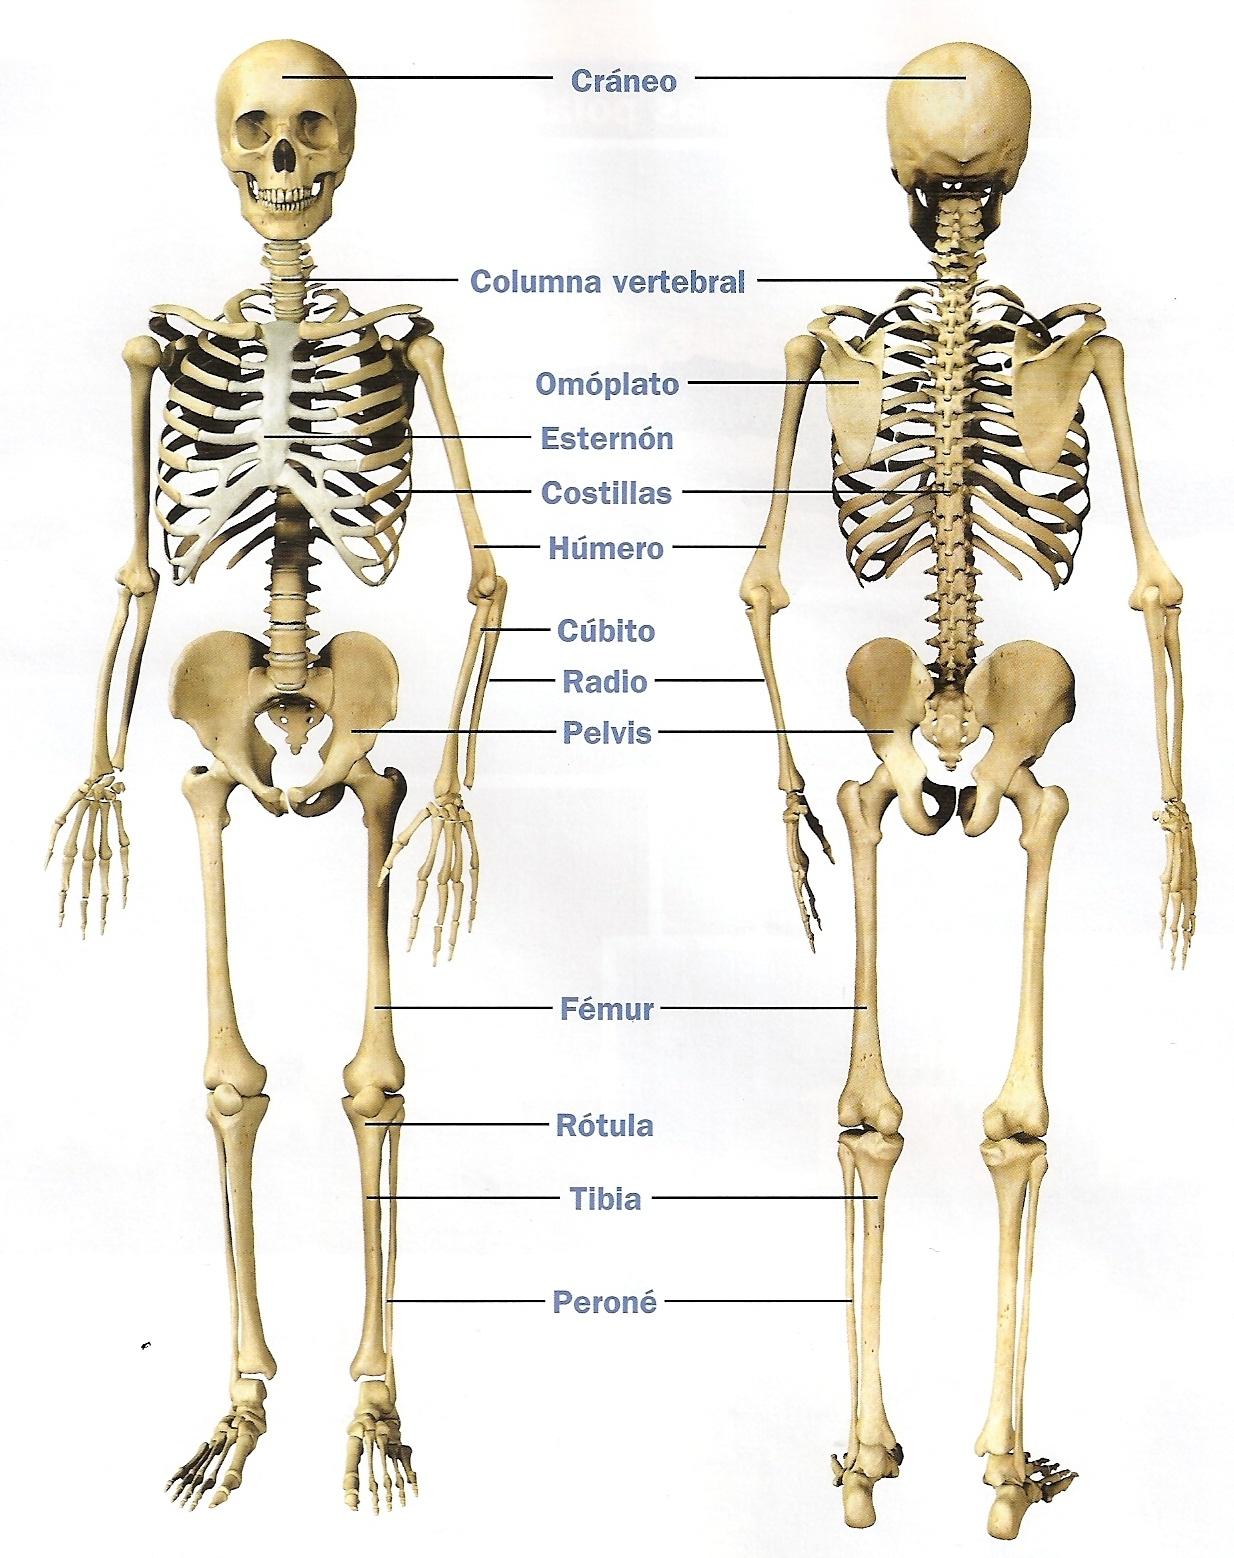 Increíble Huesos Del Cuerpo Humano Fotos Imagen - Imágenes de ...